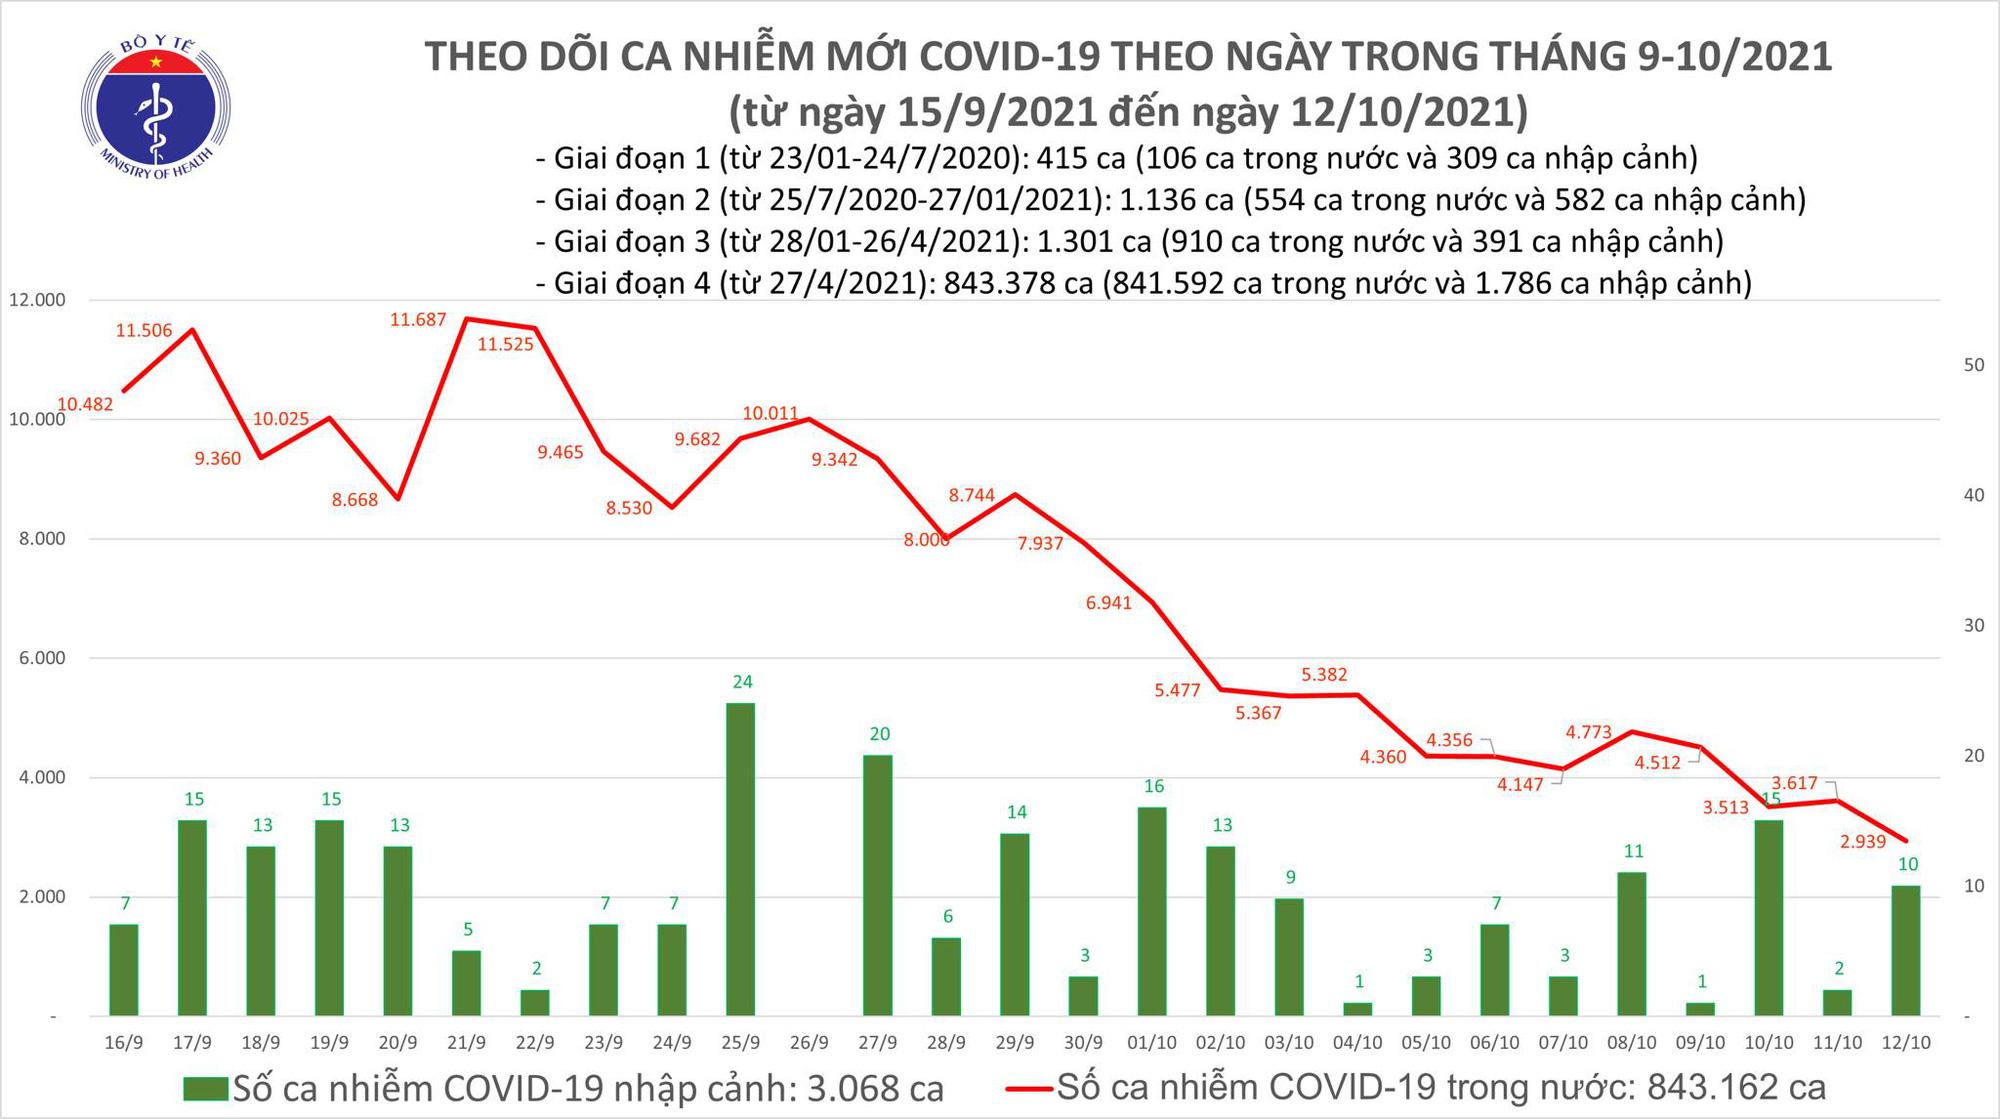 Ngày 12/10: Chỉ có 2.949 ca mắc COVD-19 tại 43 địa phương, thấp nhất trong 2,5 tháng qua - Ảnh 1.